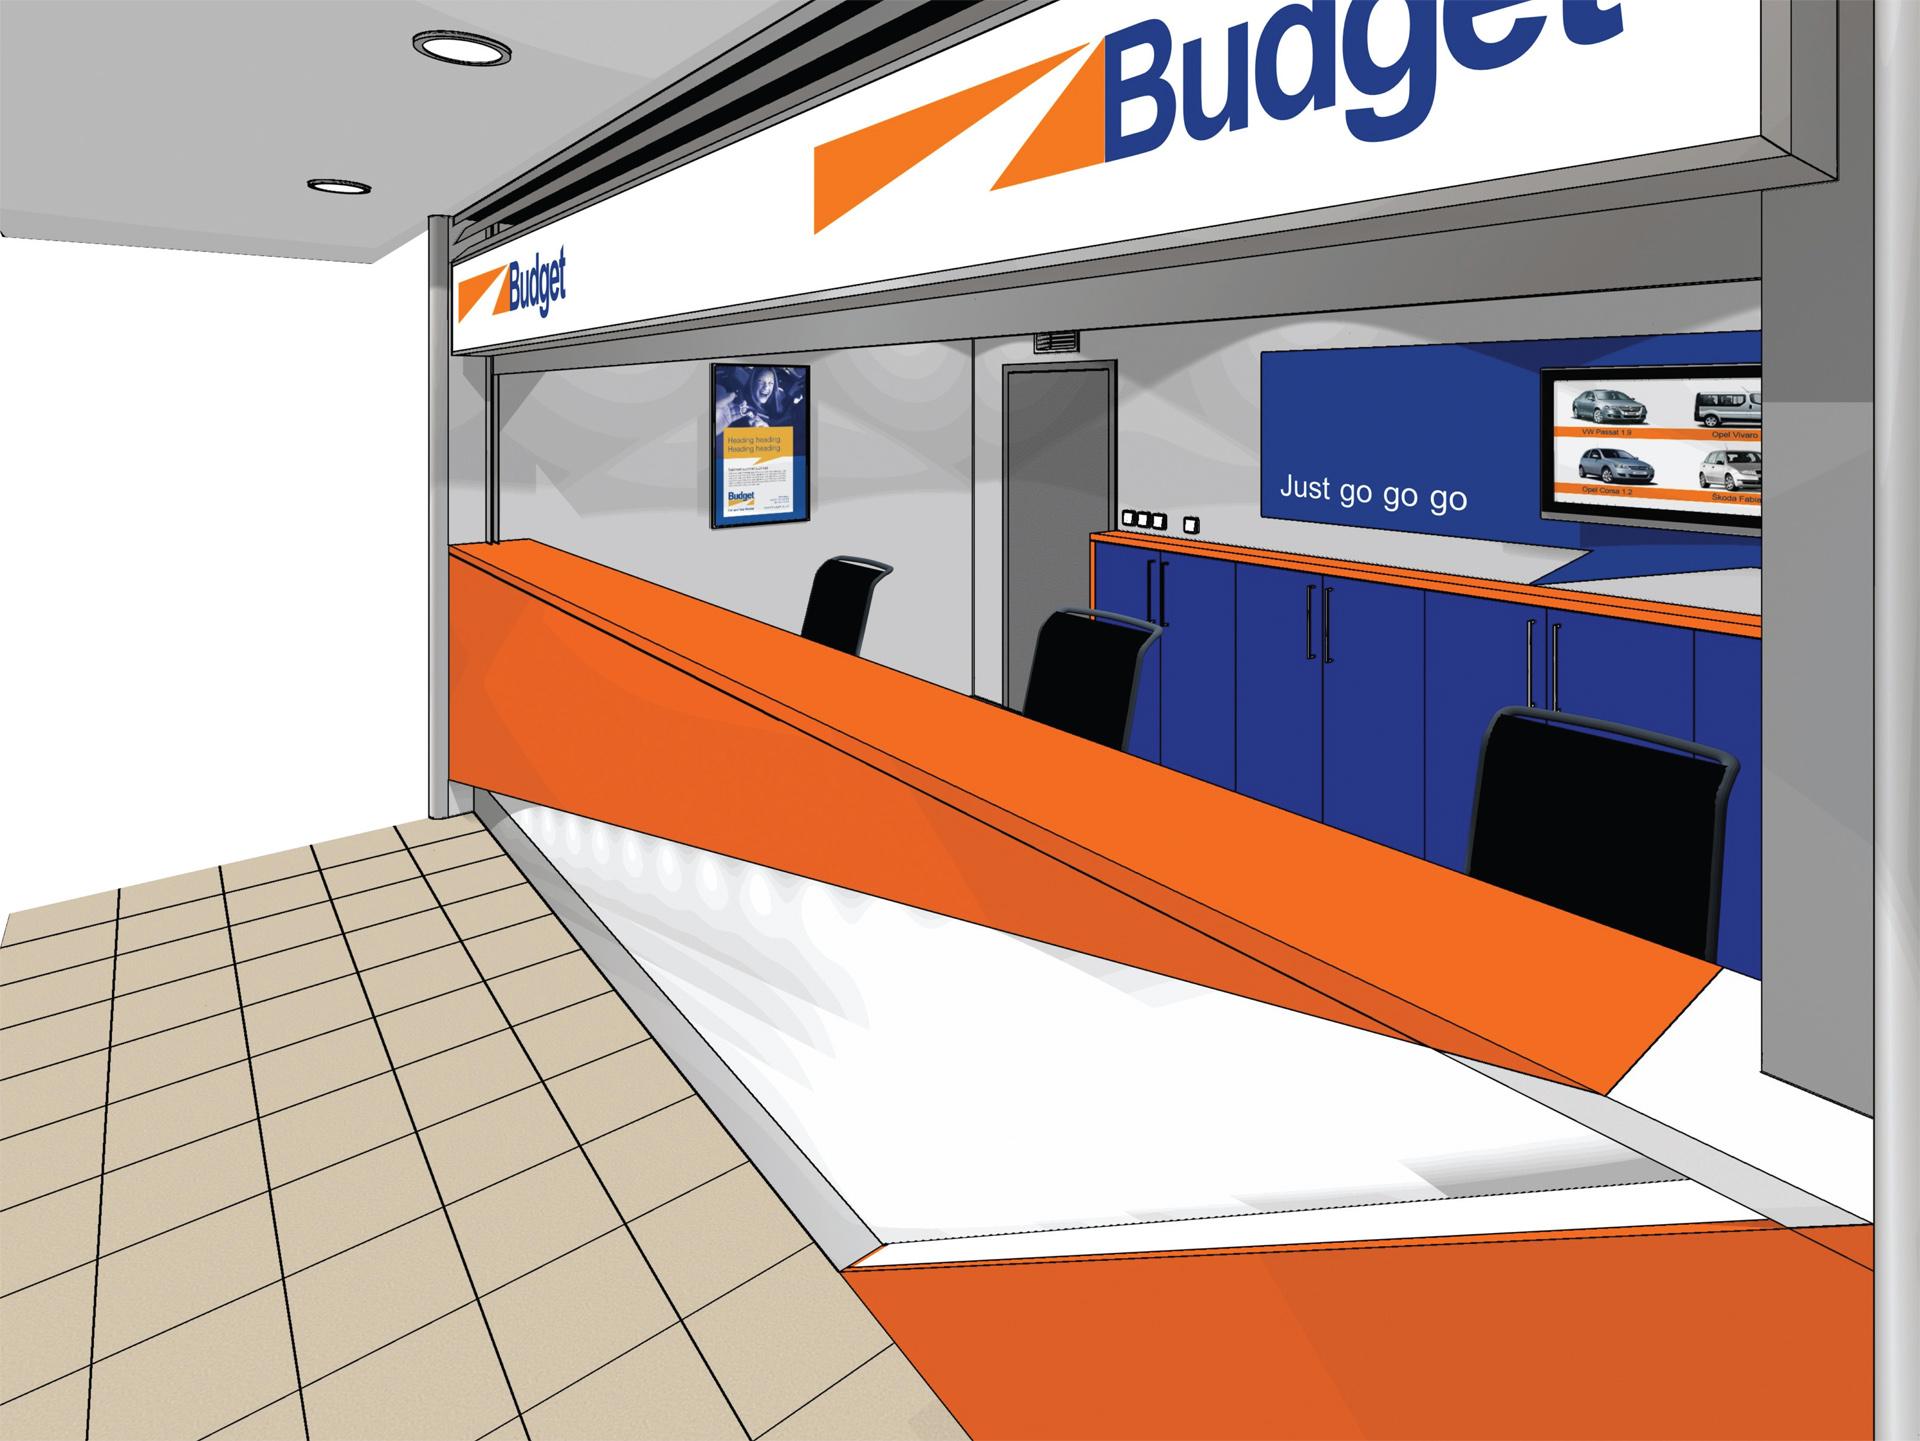 autopůjčovna Budget Praha - vizu4